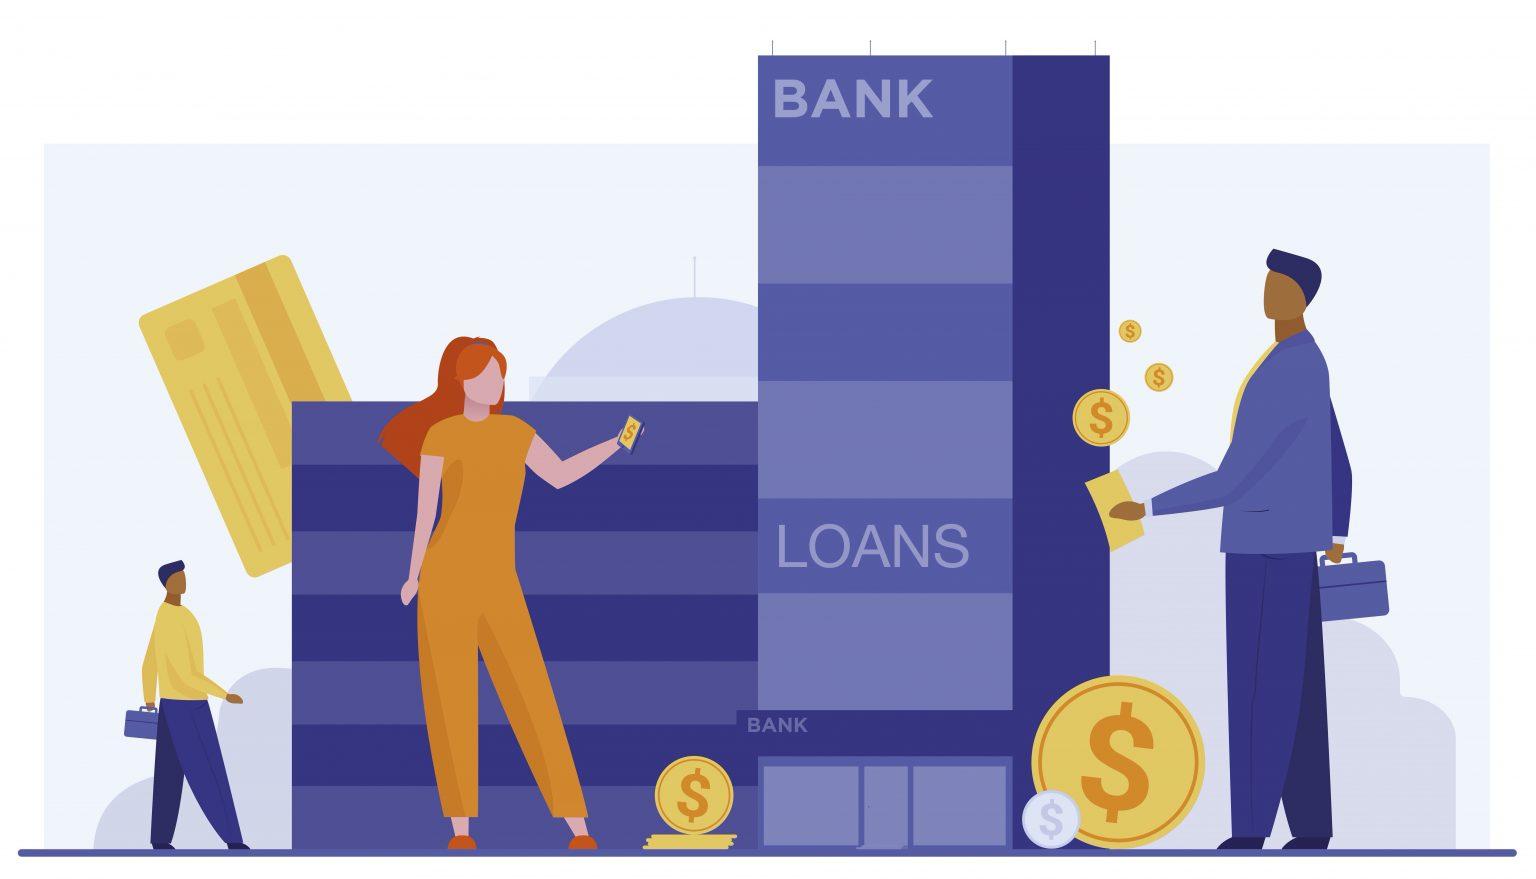 Rekomendasi Pinjaman Online Resmi OJK yang Aman dan Berizin